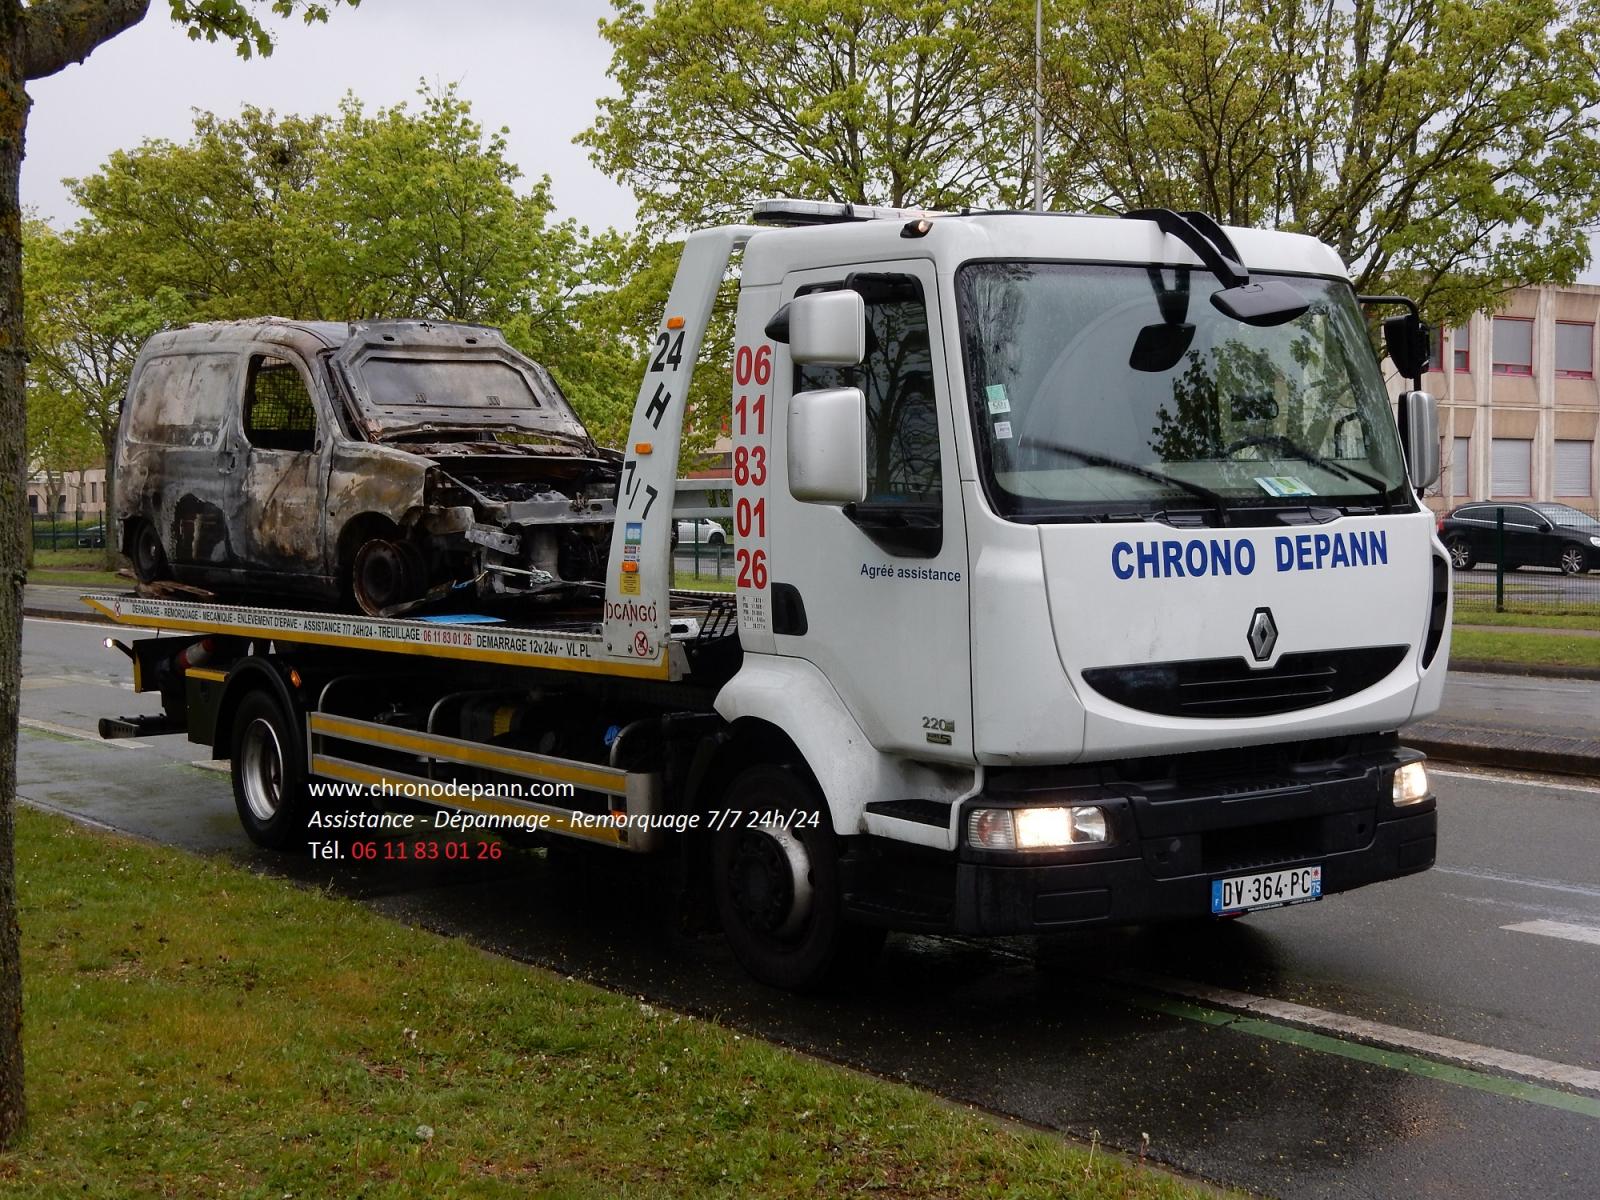 Destruction de v hicule depannage voiture - Porter plainte pour degradation de vehicule ...